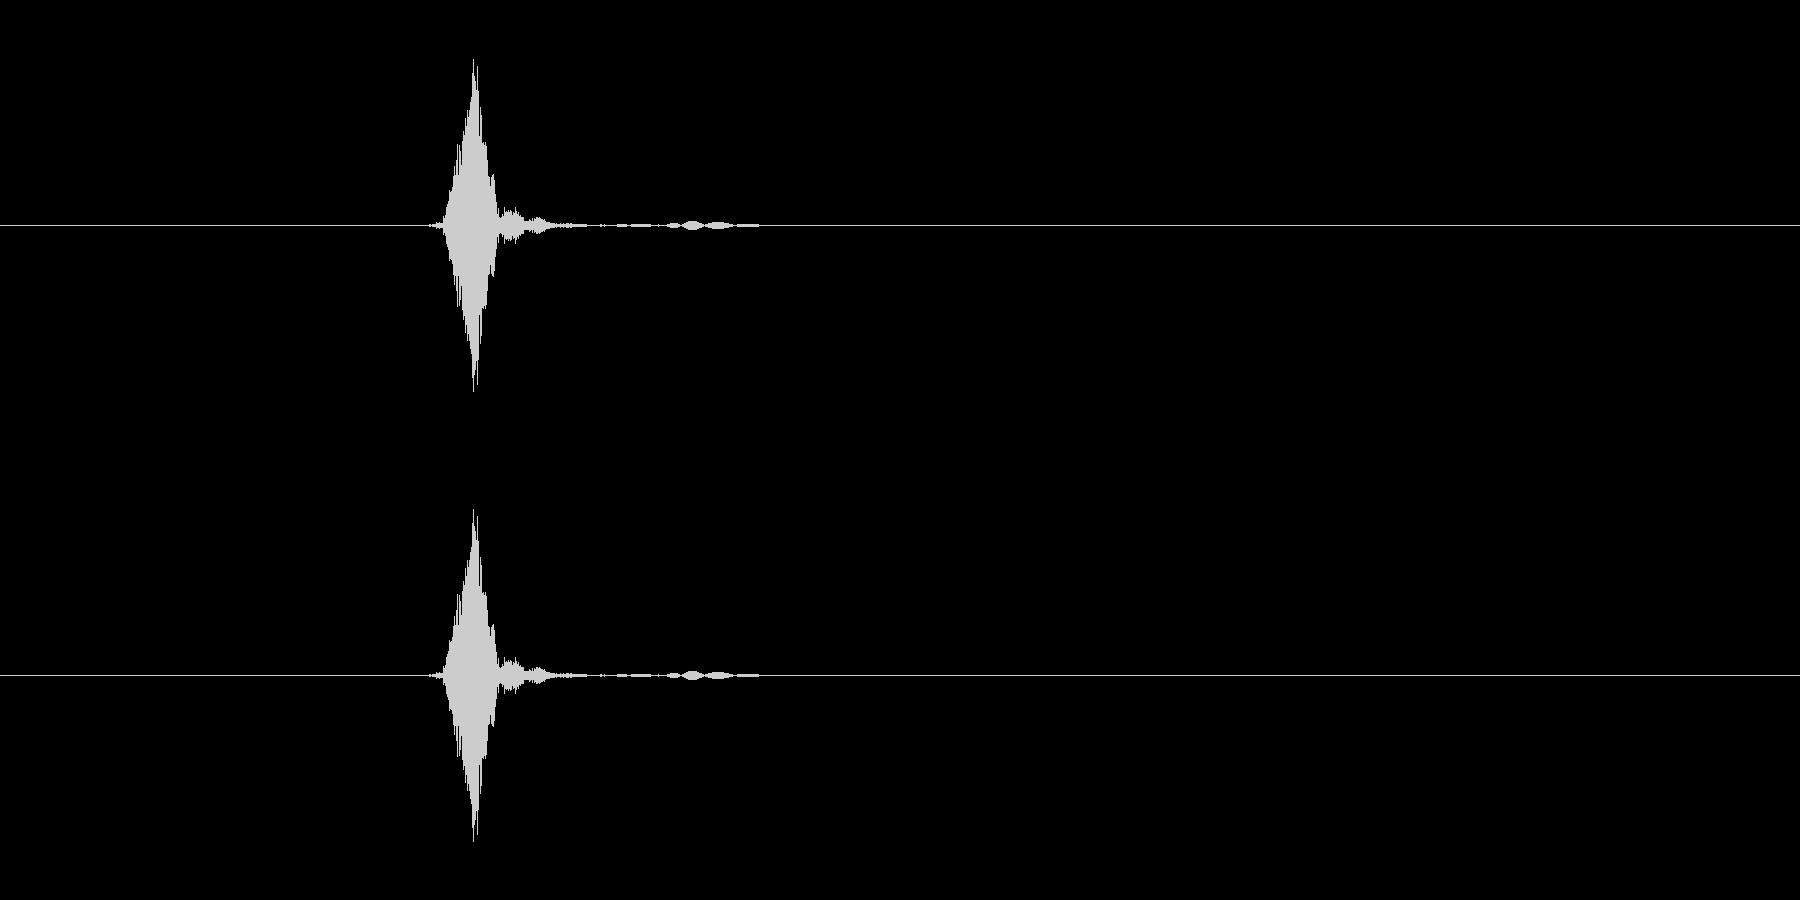 ウッの未再生の波形